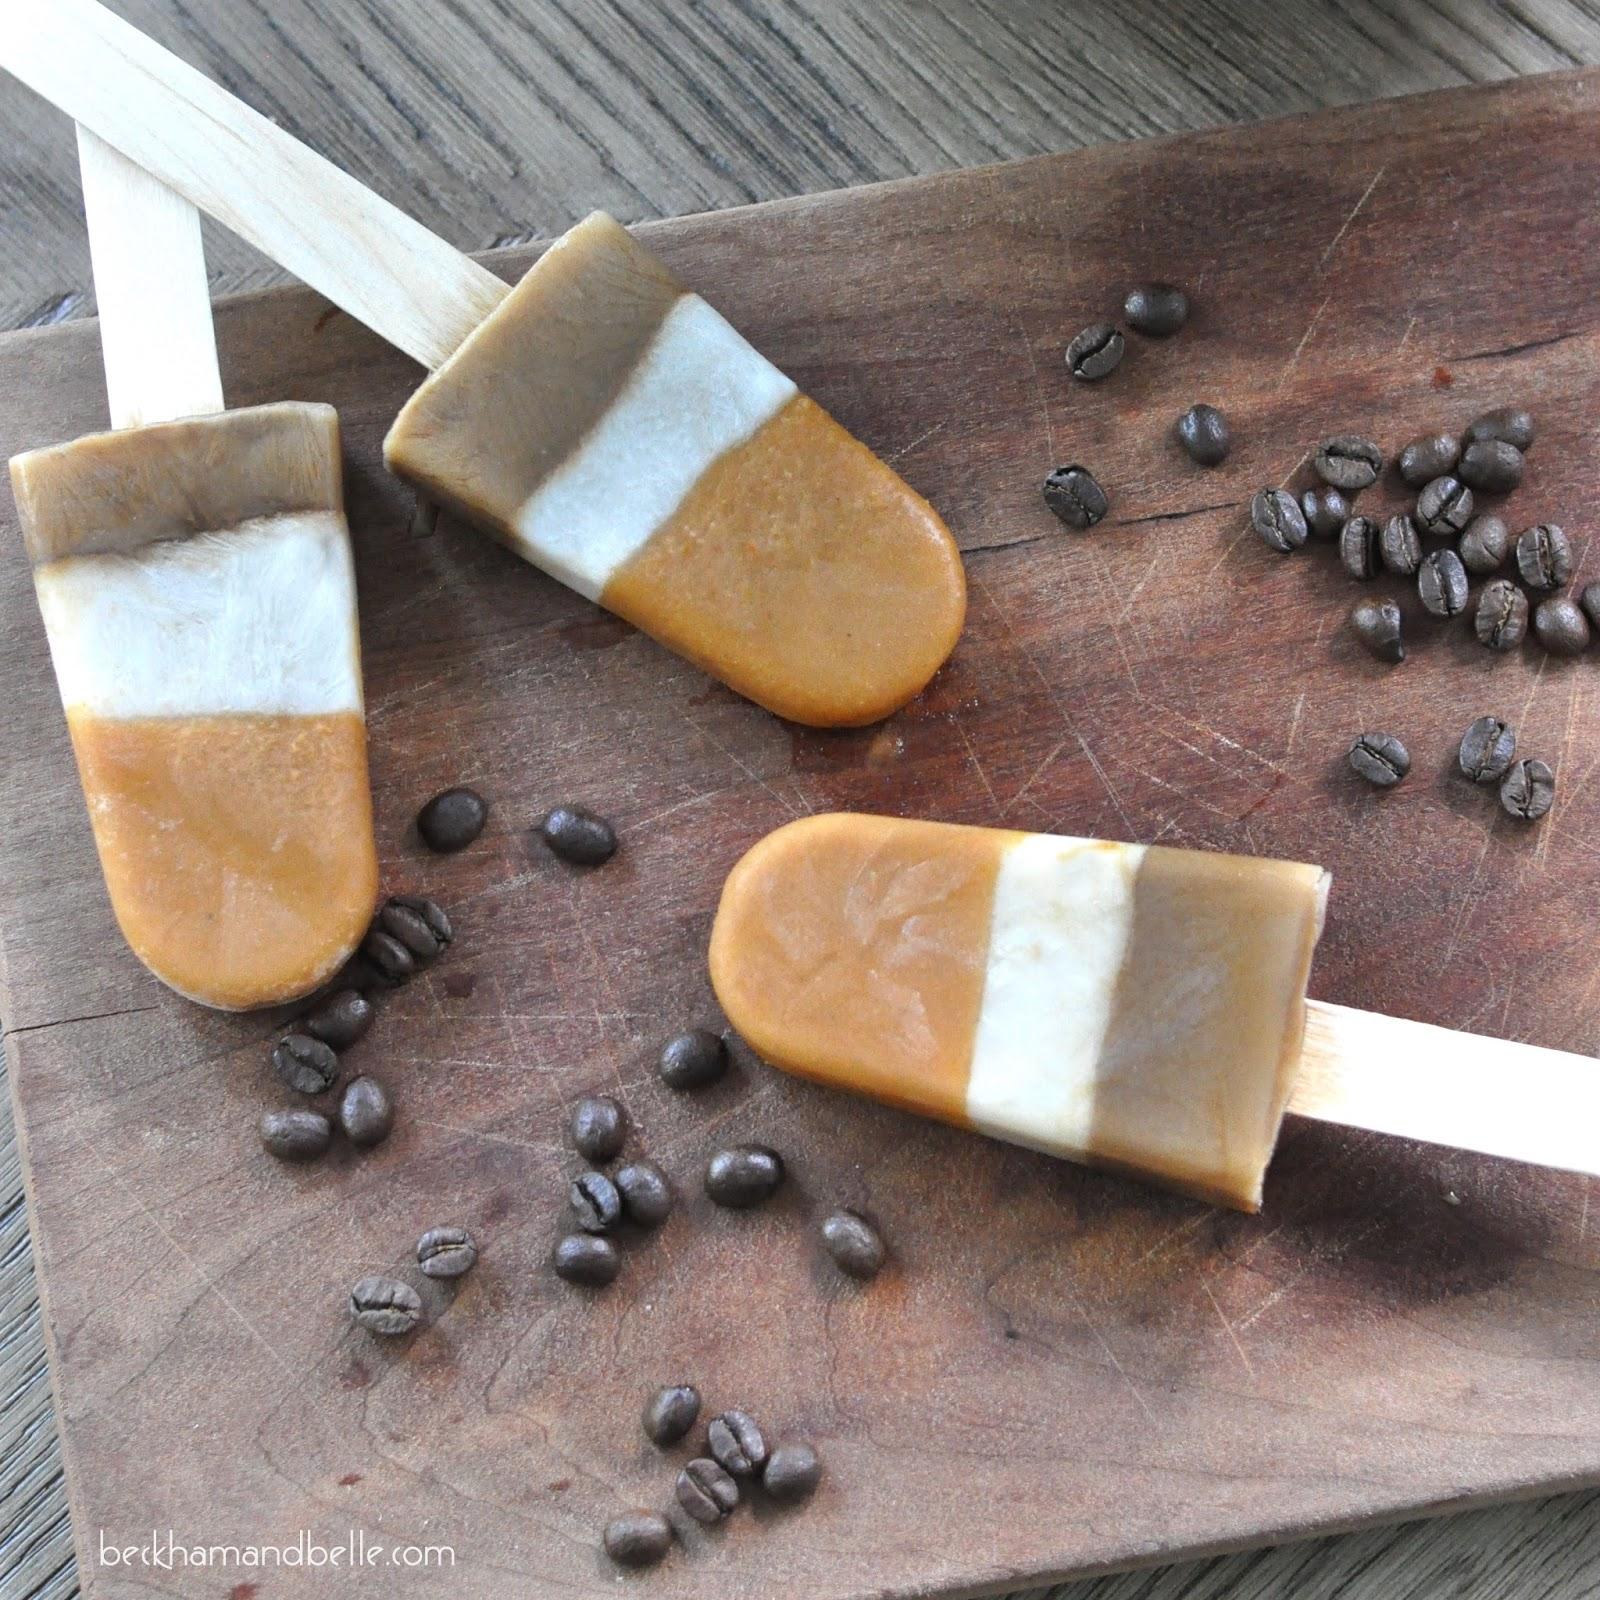 pumpkin spice latte (psl) popsicles